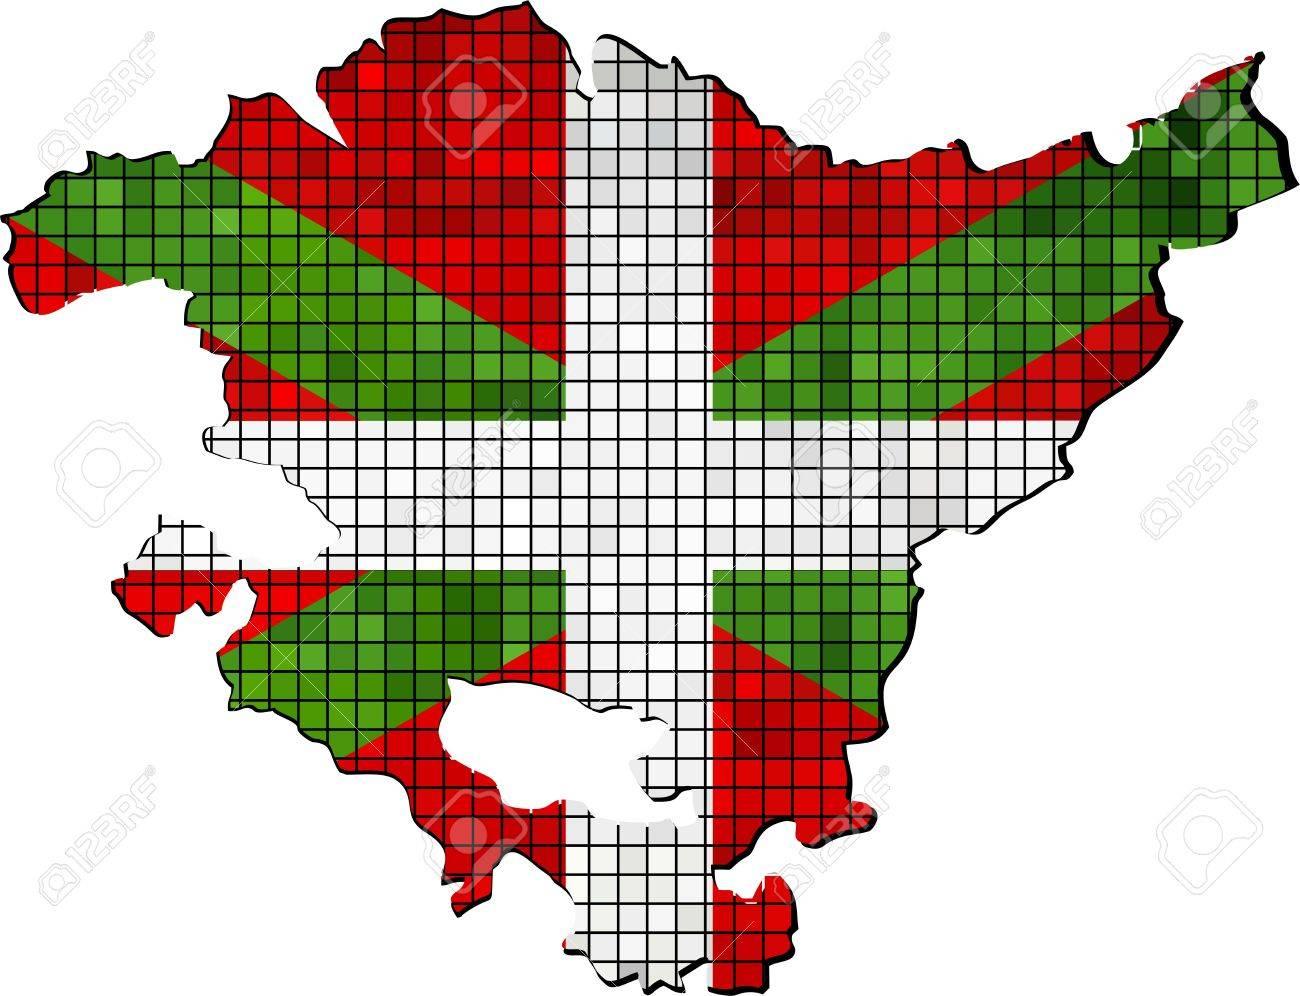 Mapa con la bandera vasca en el interior, un mapa del vector de la  Comunidad Autónoma de País Vasco, bandera vasca y el mapa, Extracto del  mosaico de ...